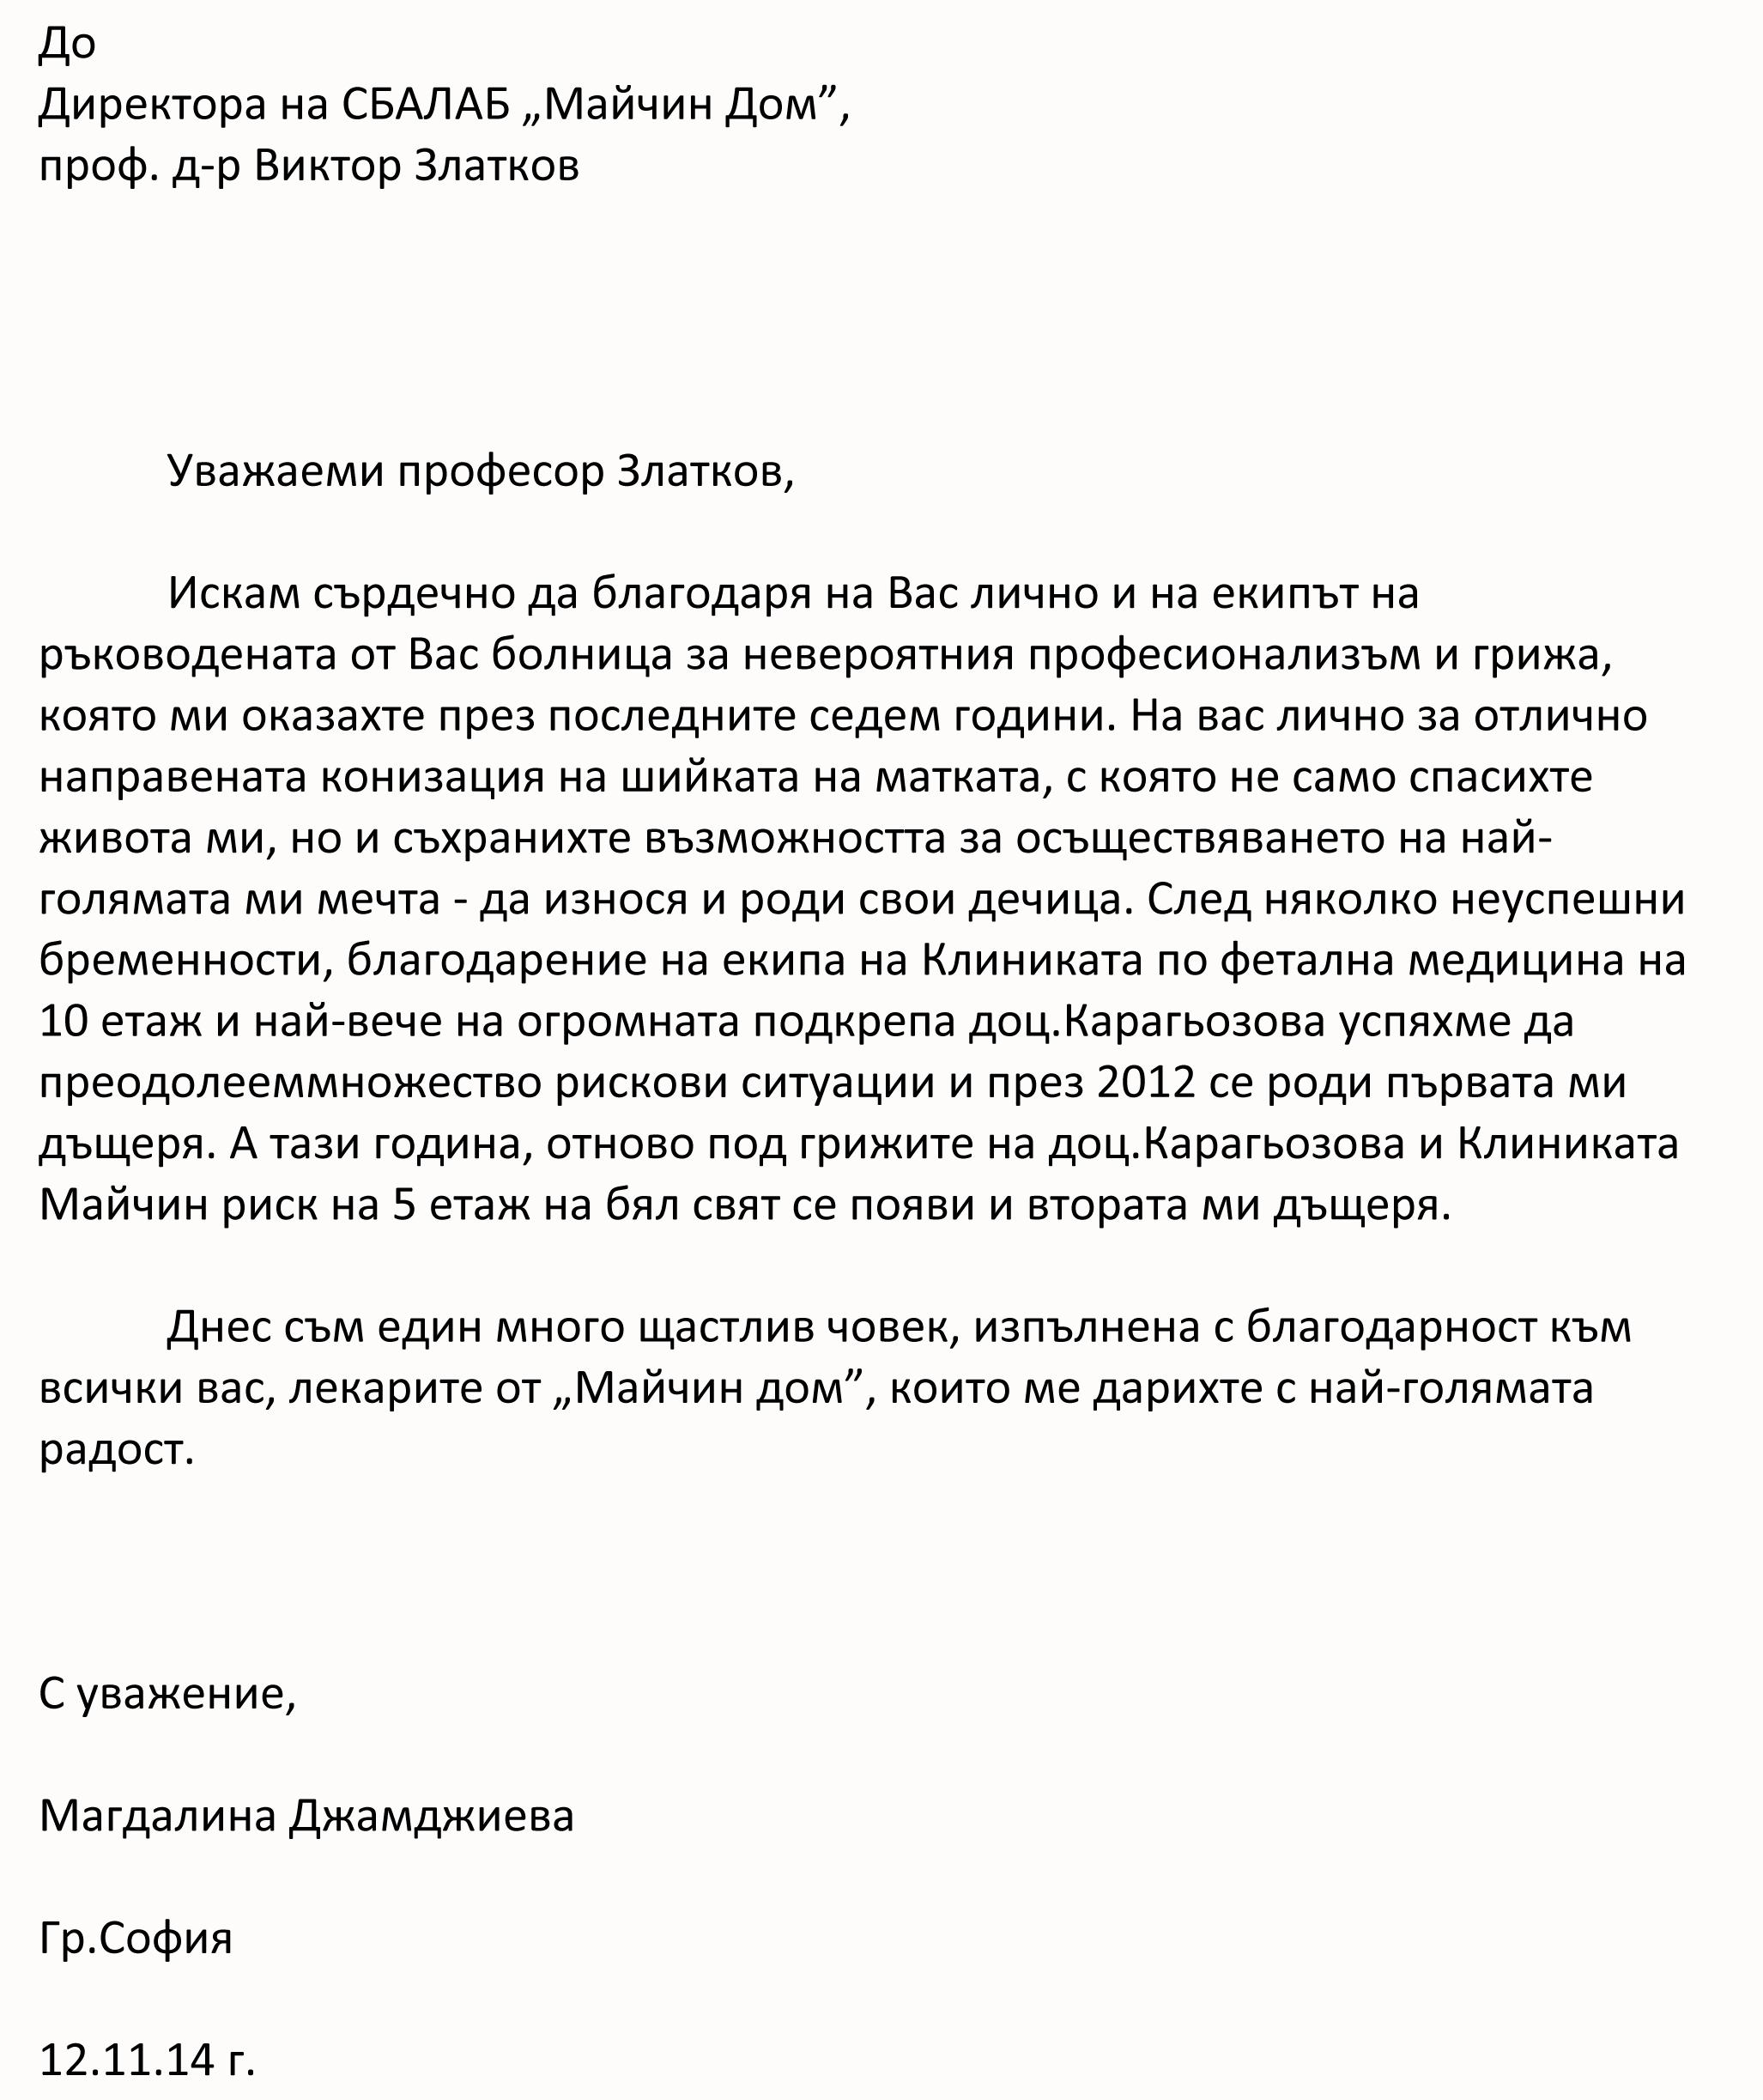 Благодарност от Магдалина Джамджиева